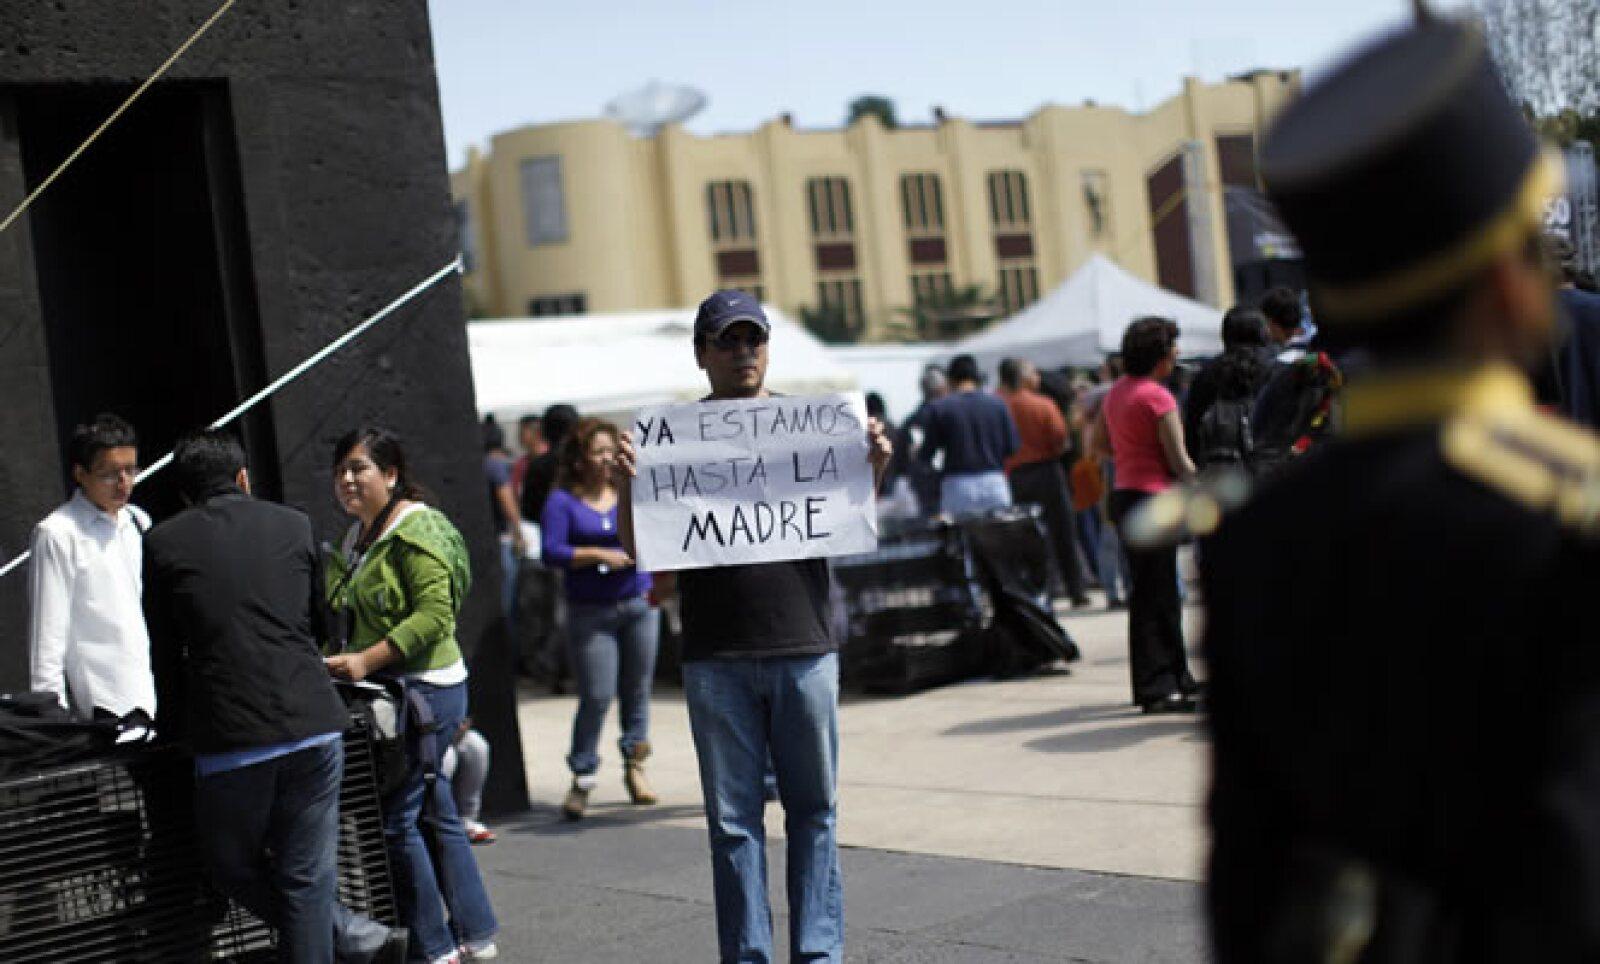 Cientos de personas se concentraron en el Monumento a la Revolución. La violencia que se vive en México y la pobreza fueron las principales causas por las que protestaron.